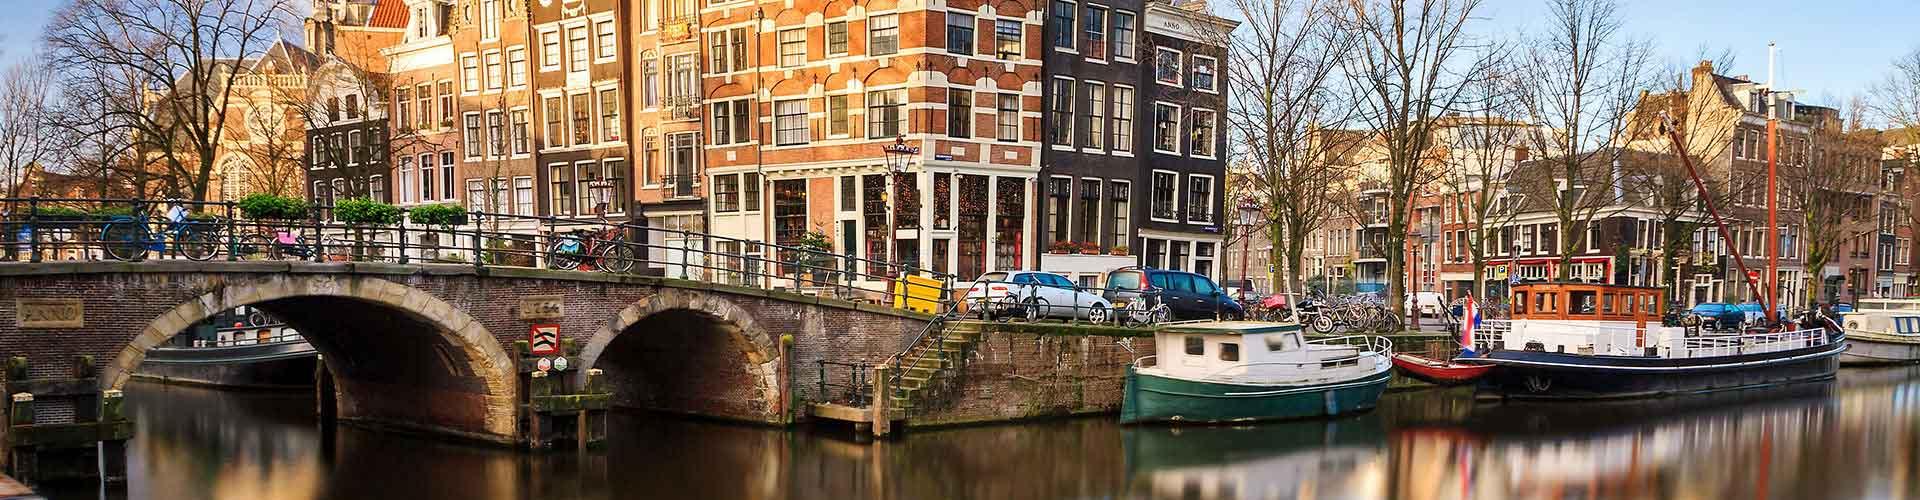 암스테르담 - 암스테르담 렐릴란 기차역와 가까운 호스텔. 암스테르담의 지도, 암스테르담에 위치한 호스텔 사진 및 후기 정보.